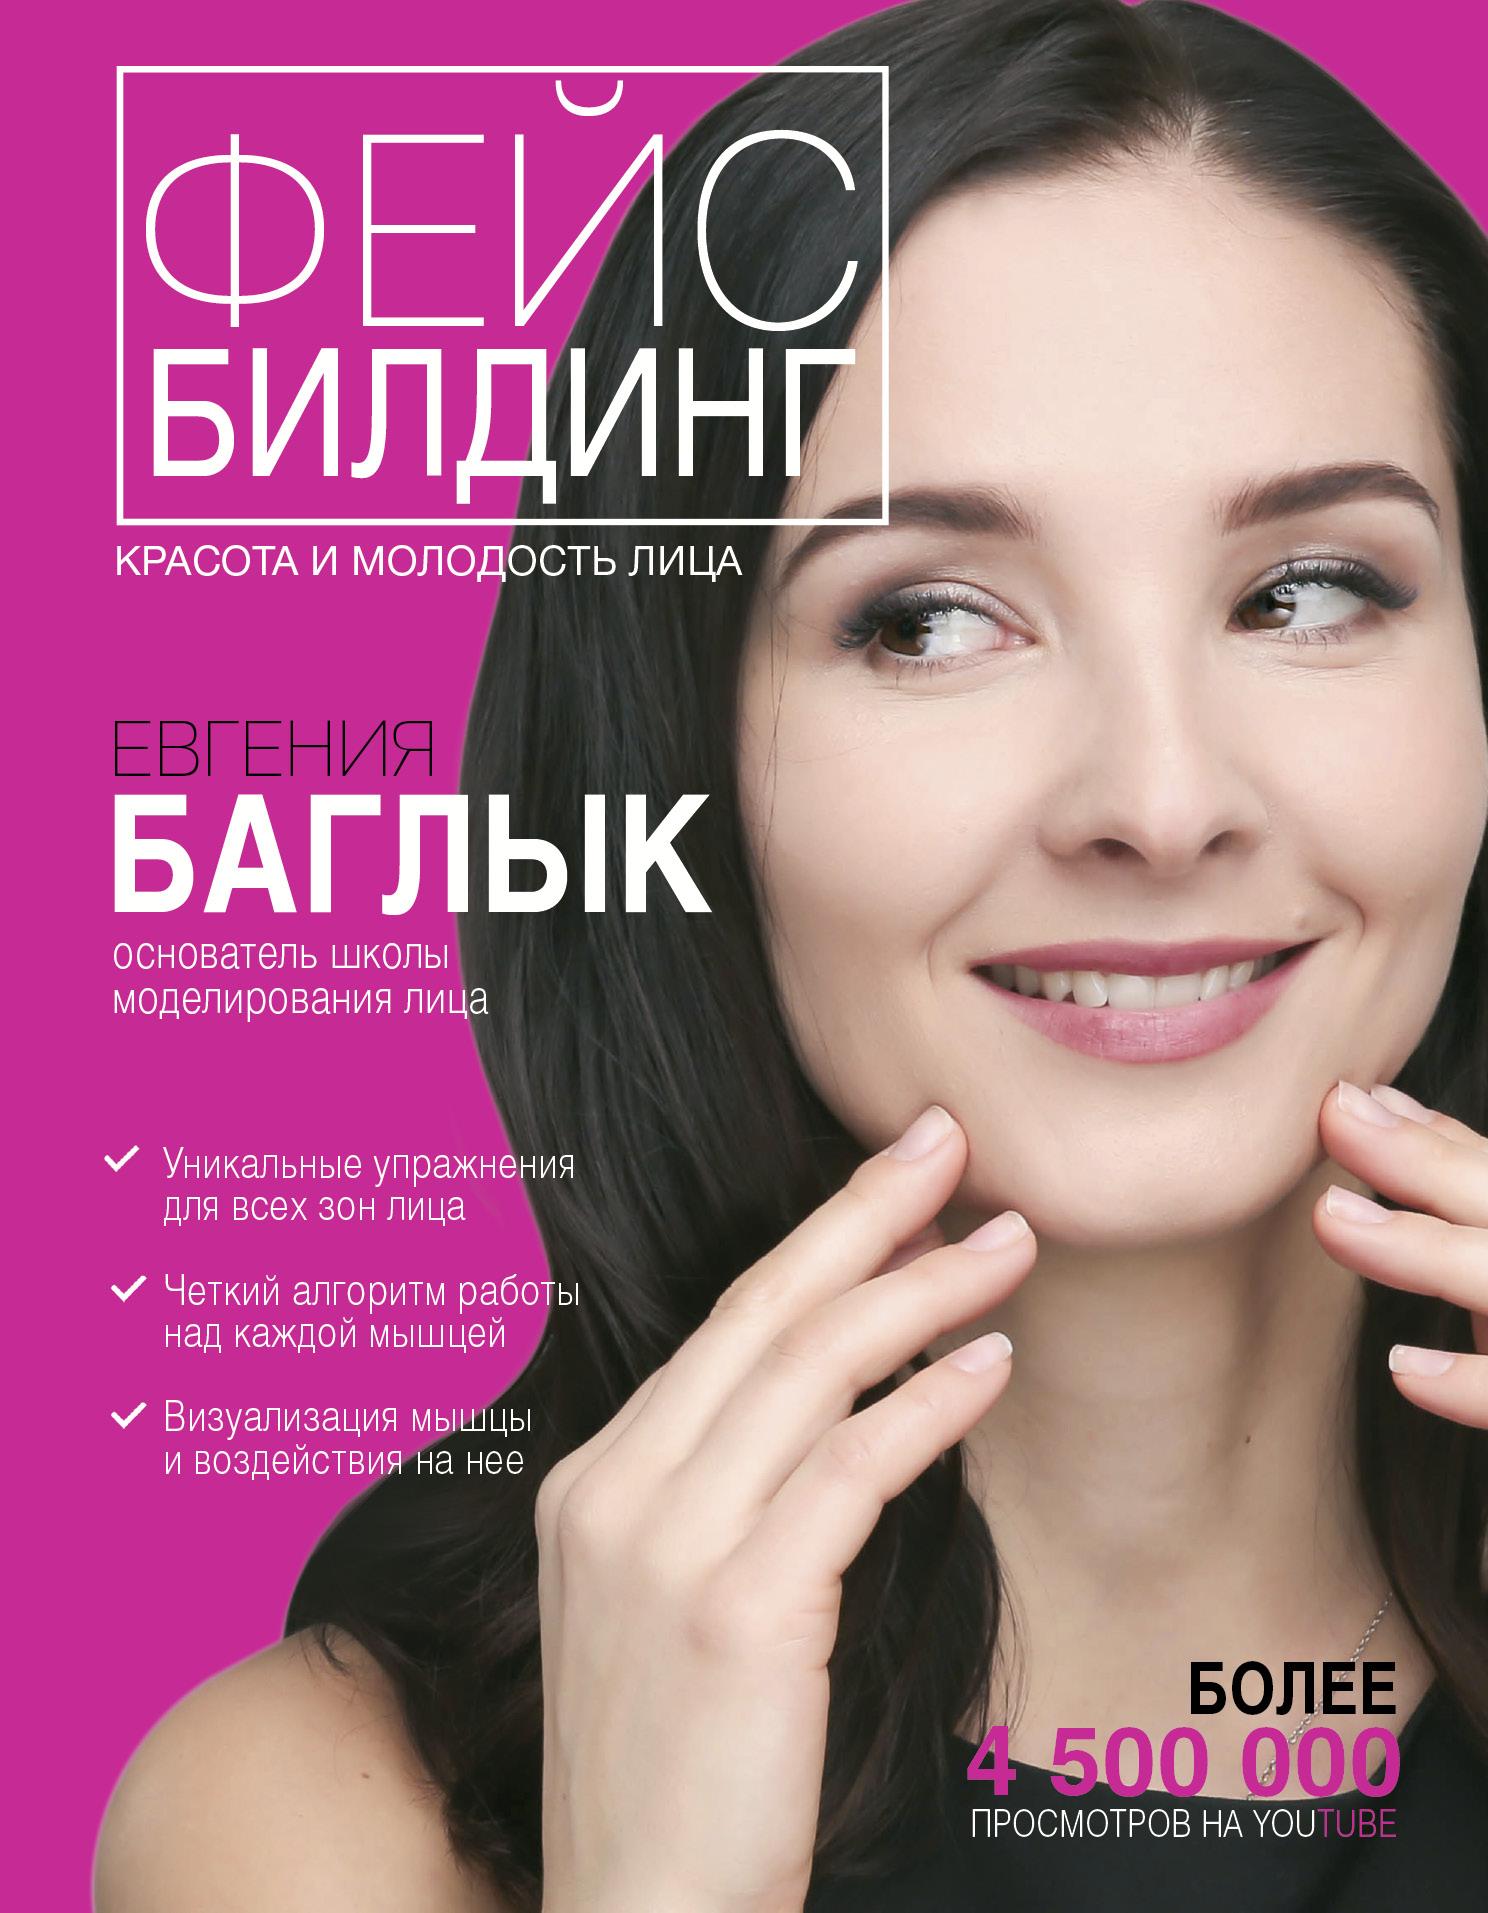 Баглык Евгения Андреевна Фейсбилдинг: красота и молодость лица убрать морщины с лица